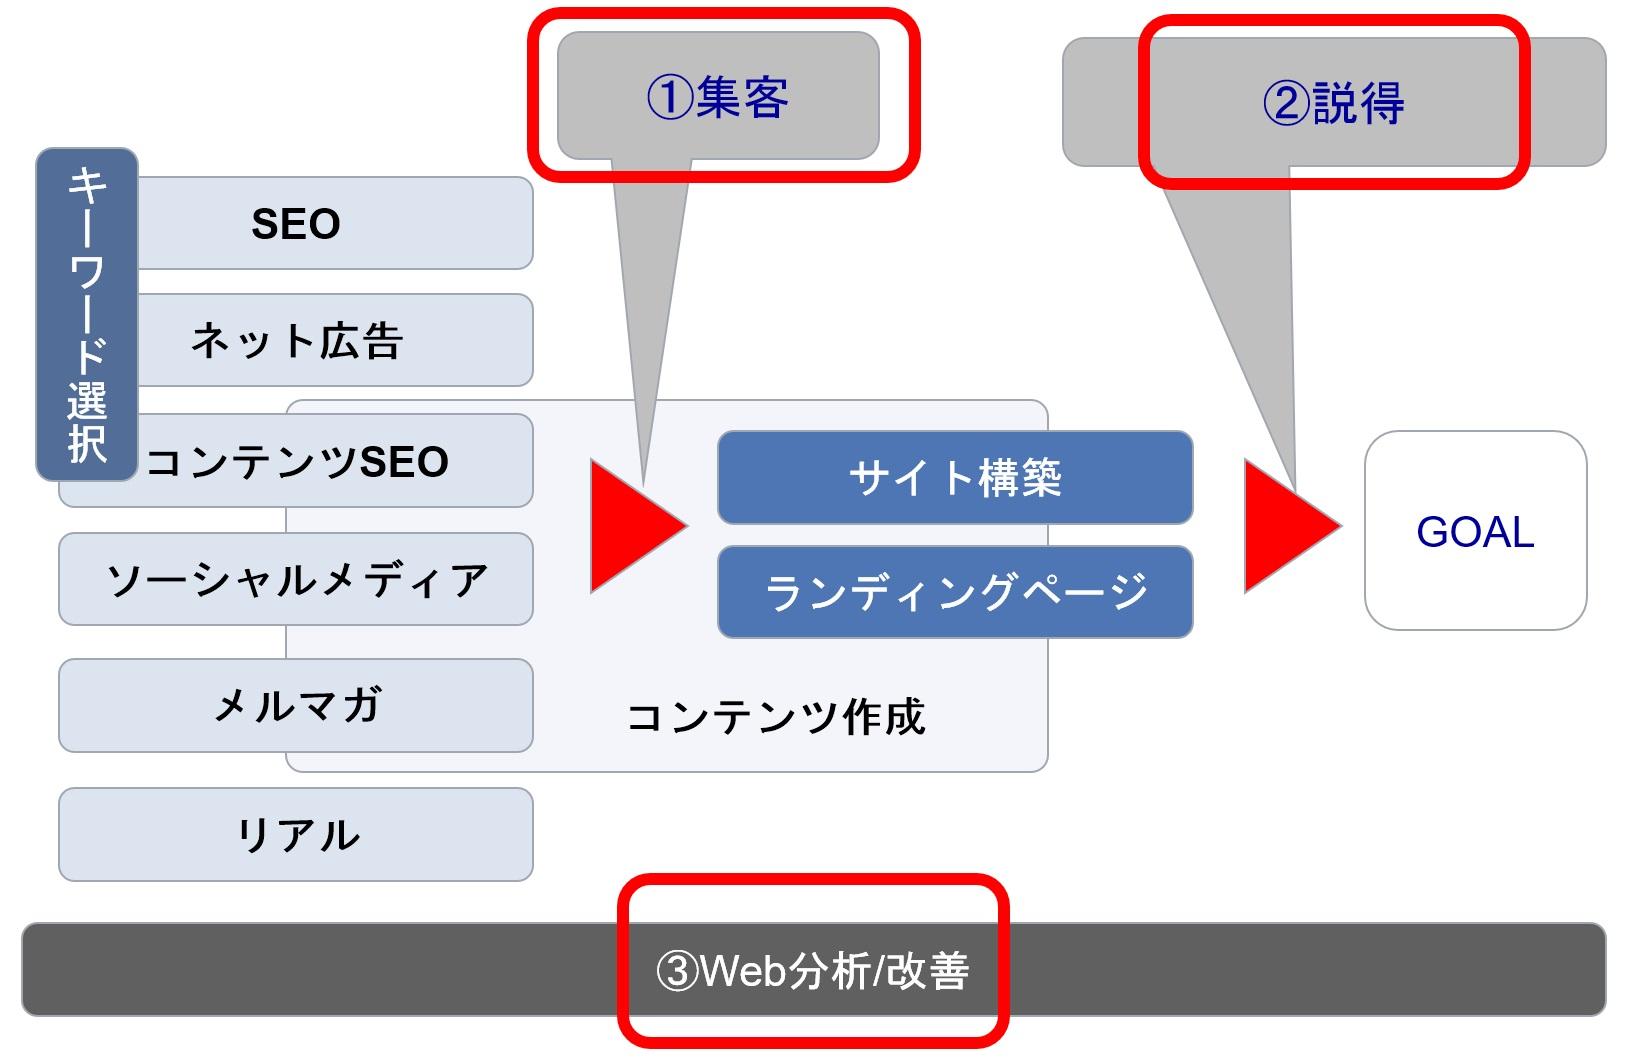 Webコンサルティング 3つのチェックポイント(全体像)